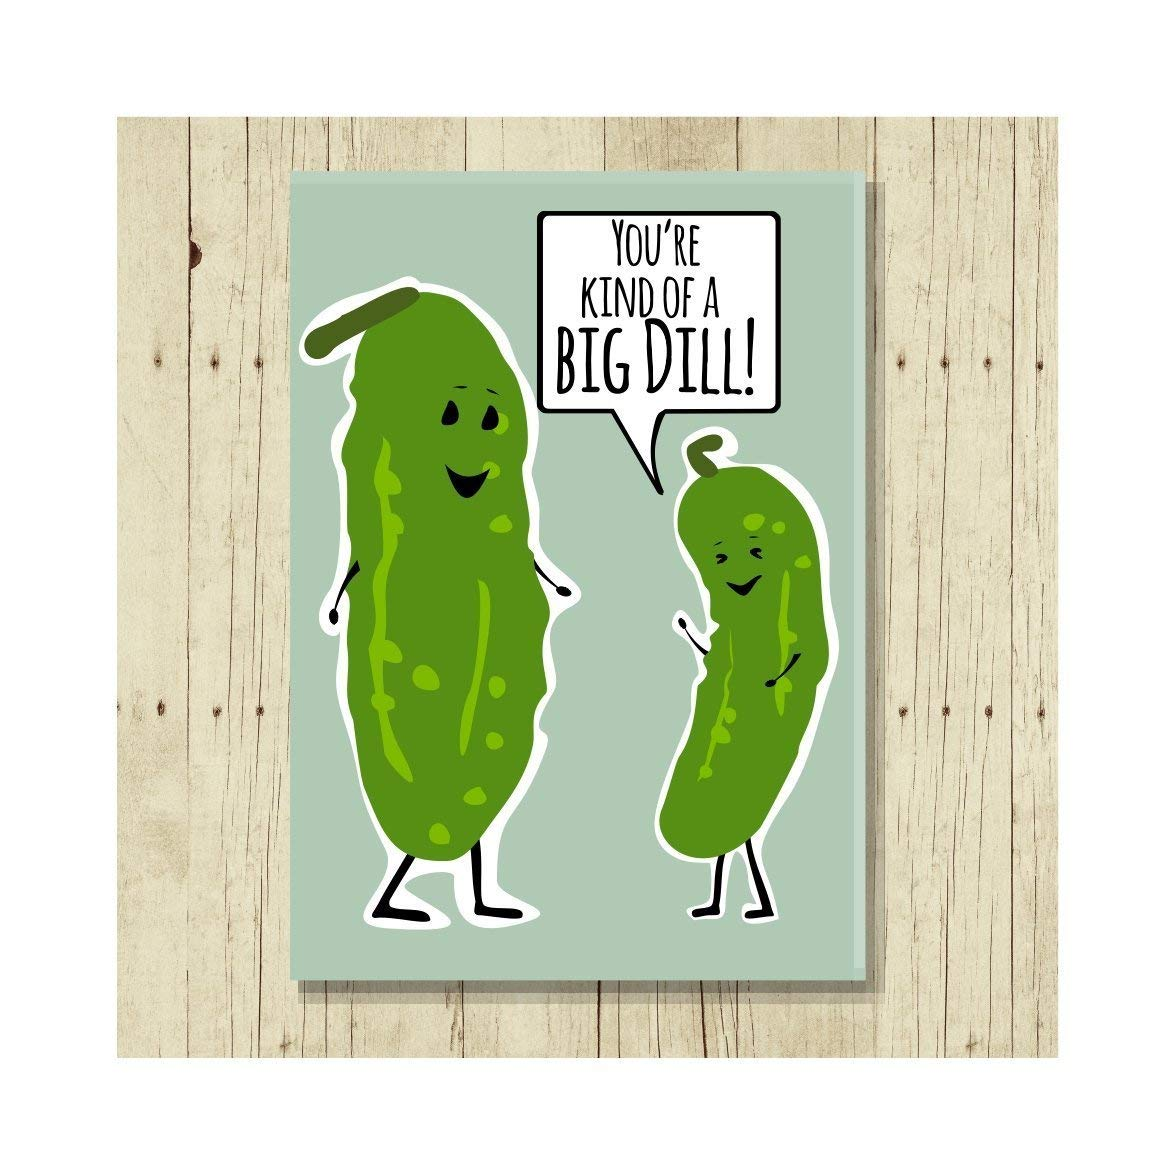 Give Peas a Chance Pun Magnet Big Size 2.5 x3.5